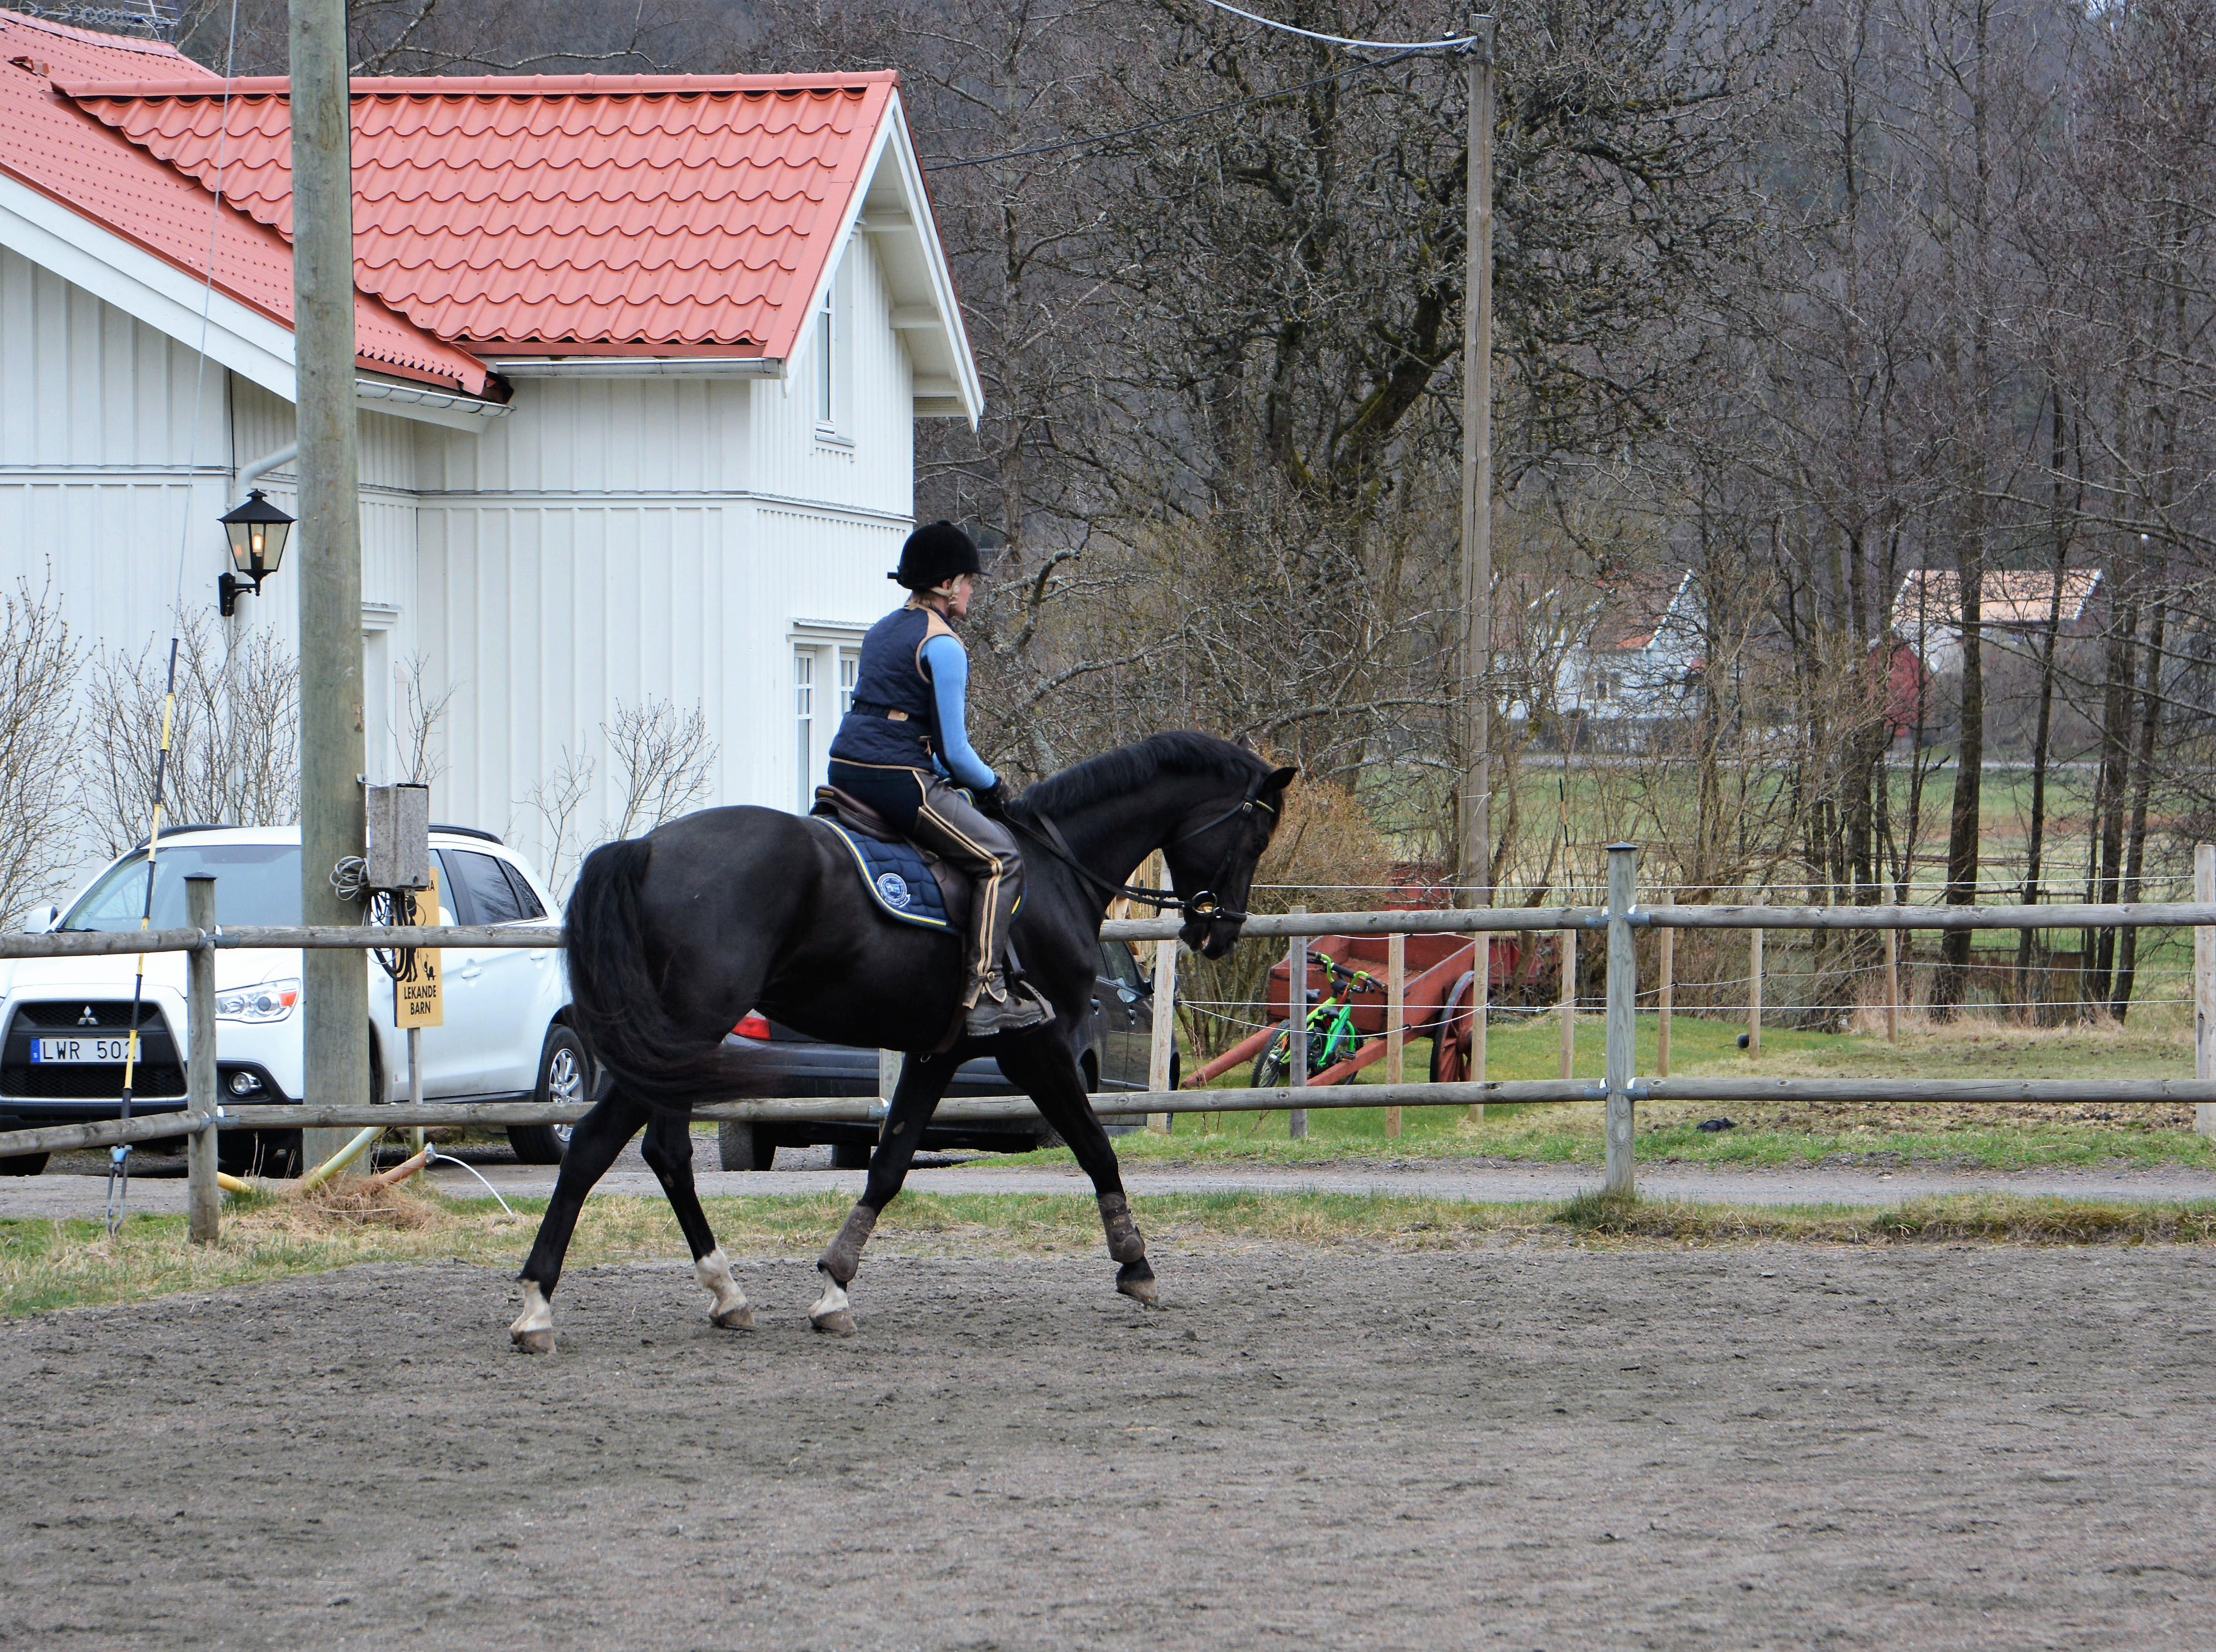 ... mycket på att hästen redan innan är van att hanteras varje dag. Detta  gäller även för de som ska bli hopphästar längre fram i livet. a1aa18bf315f3